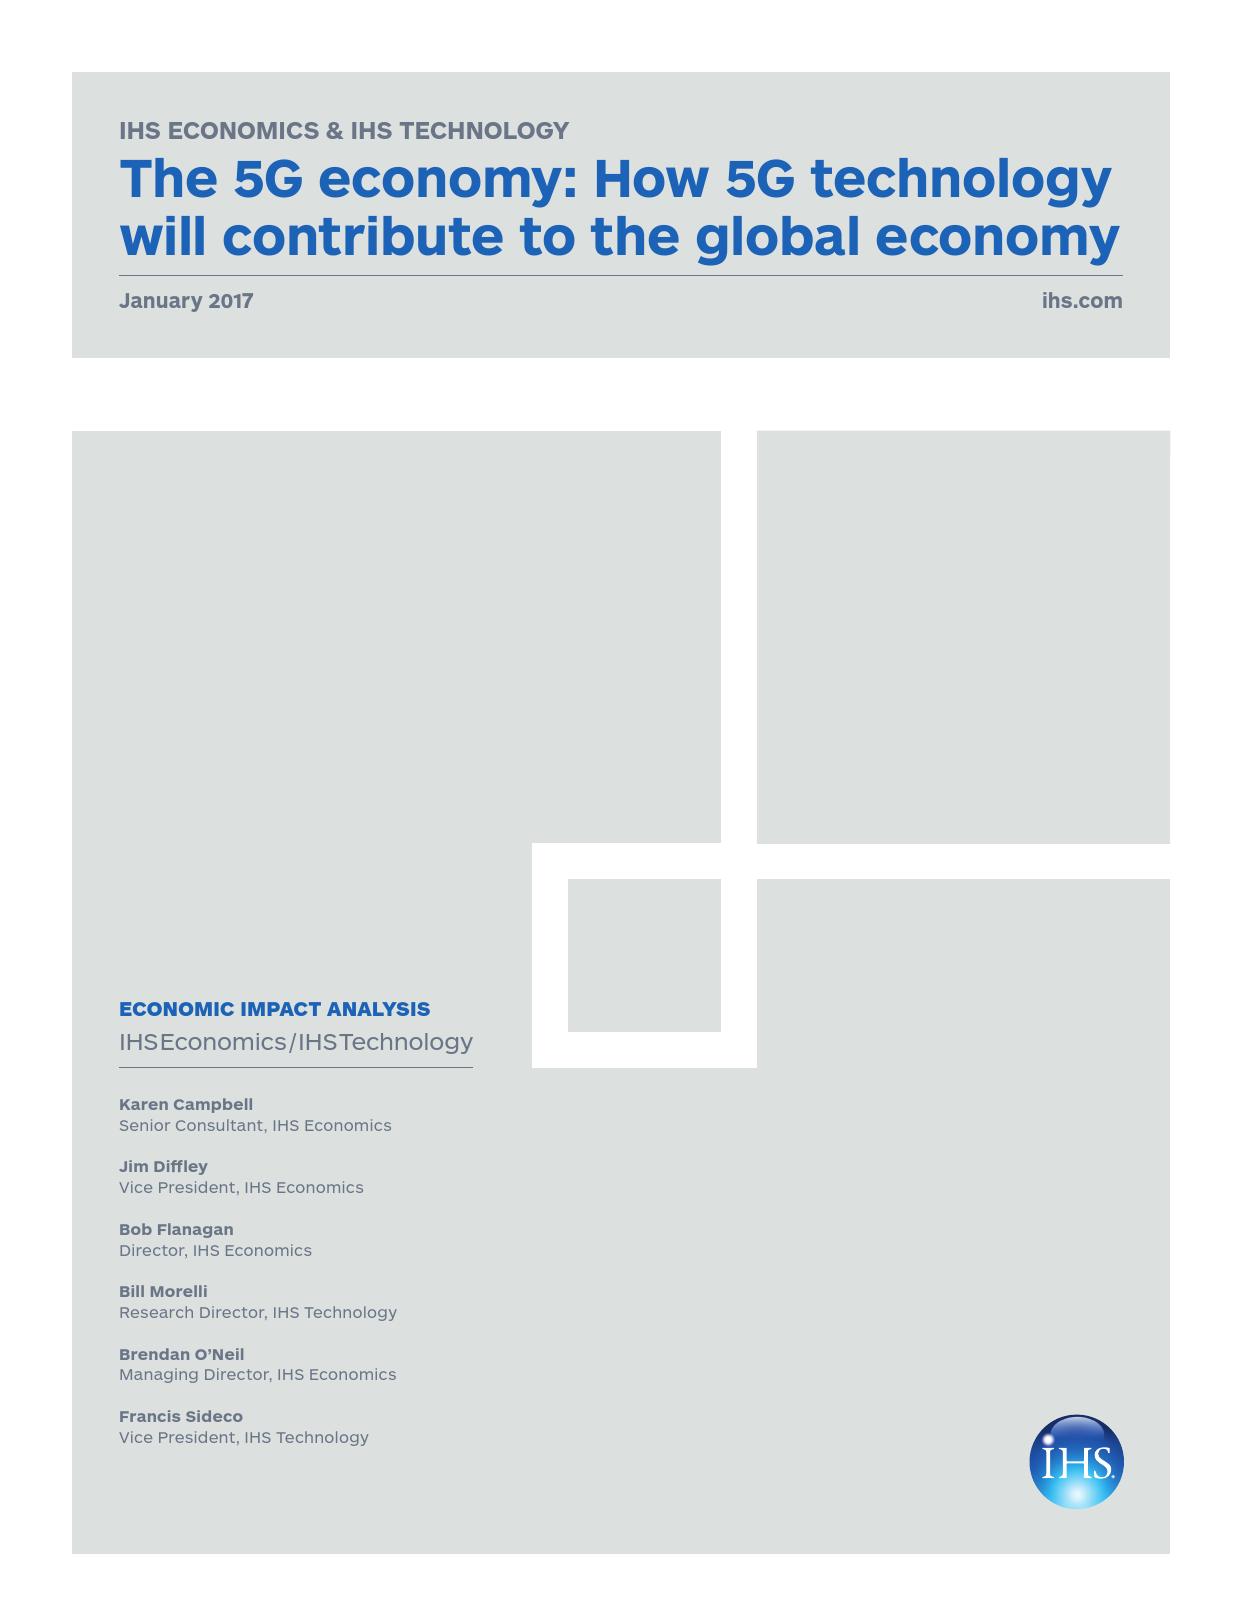 5G经济:5G将如何影响全球经济(附下载)